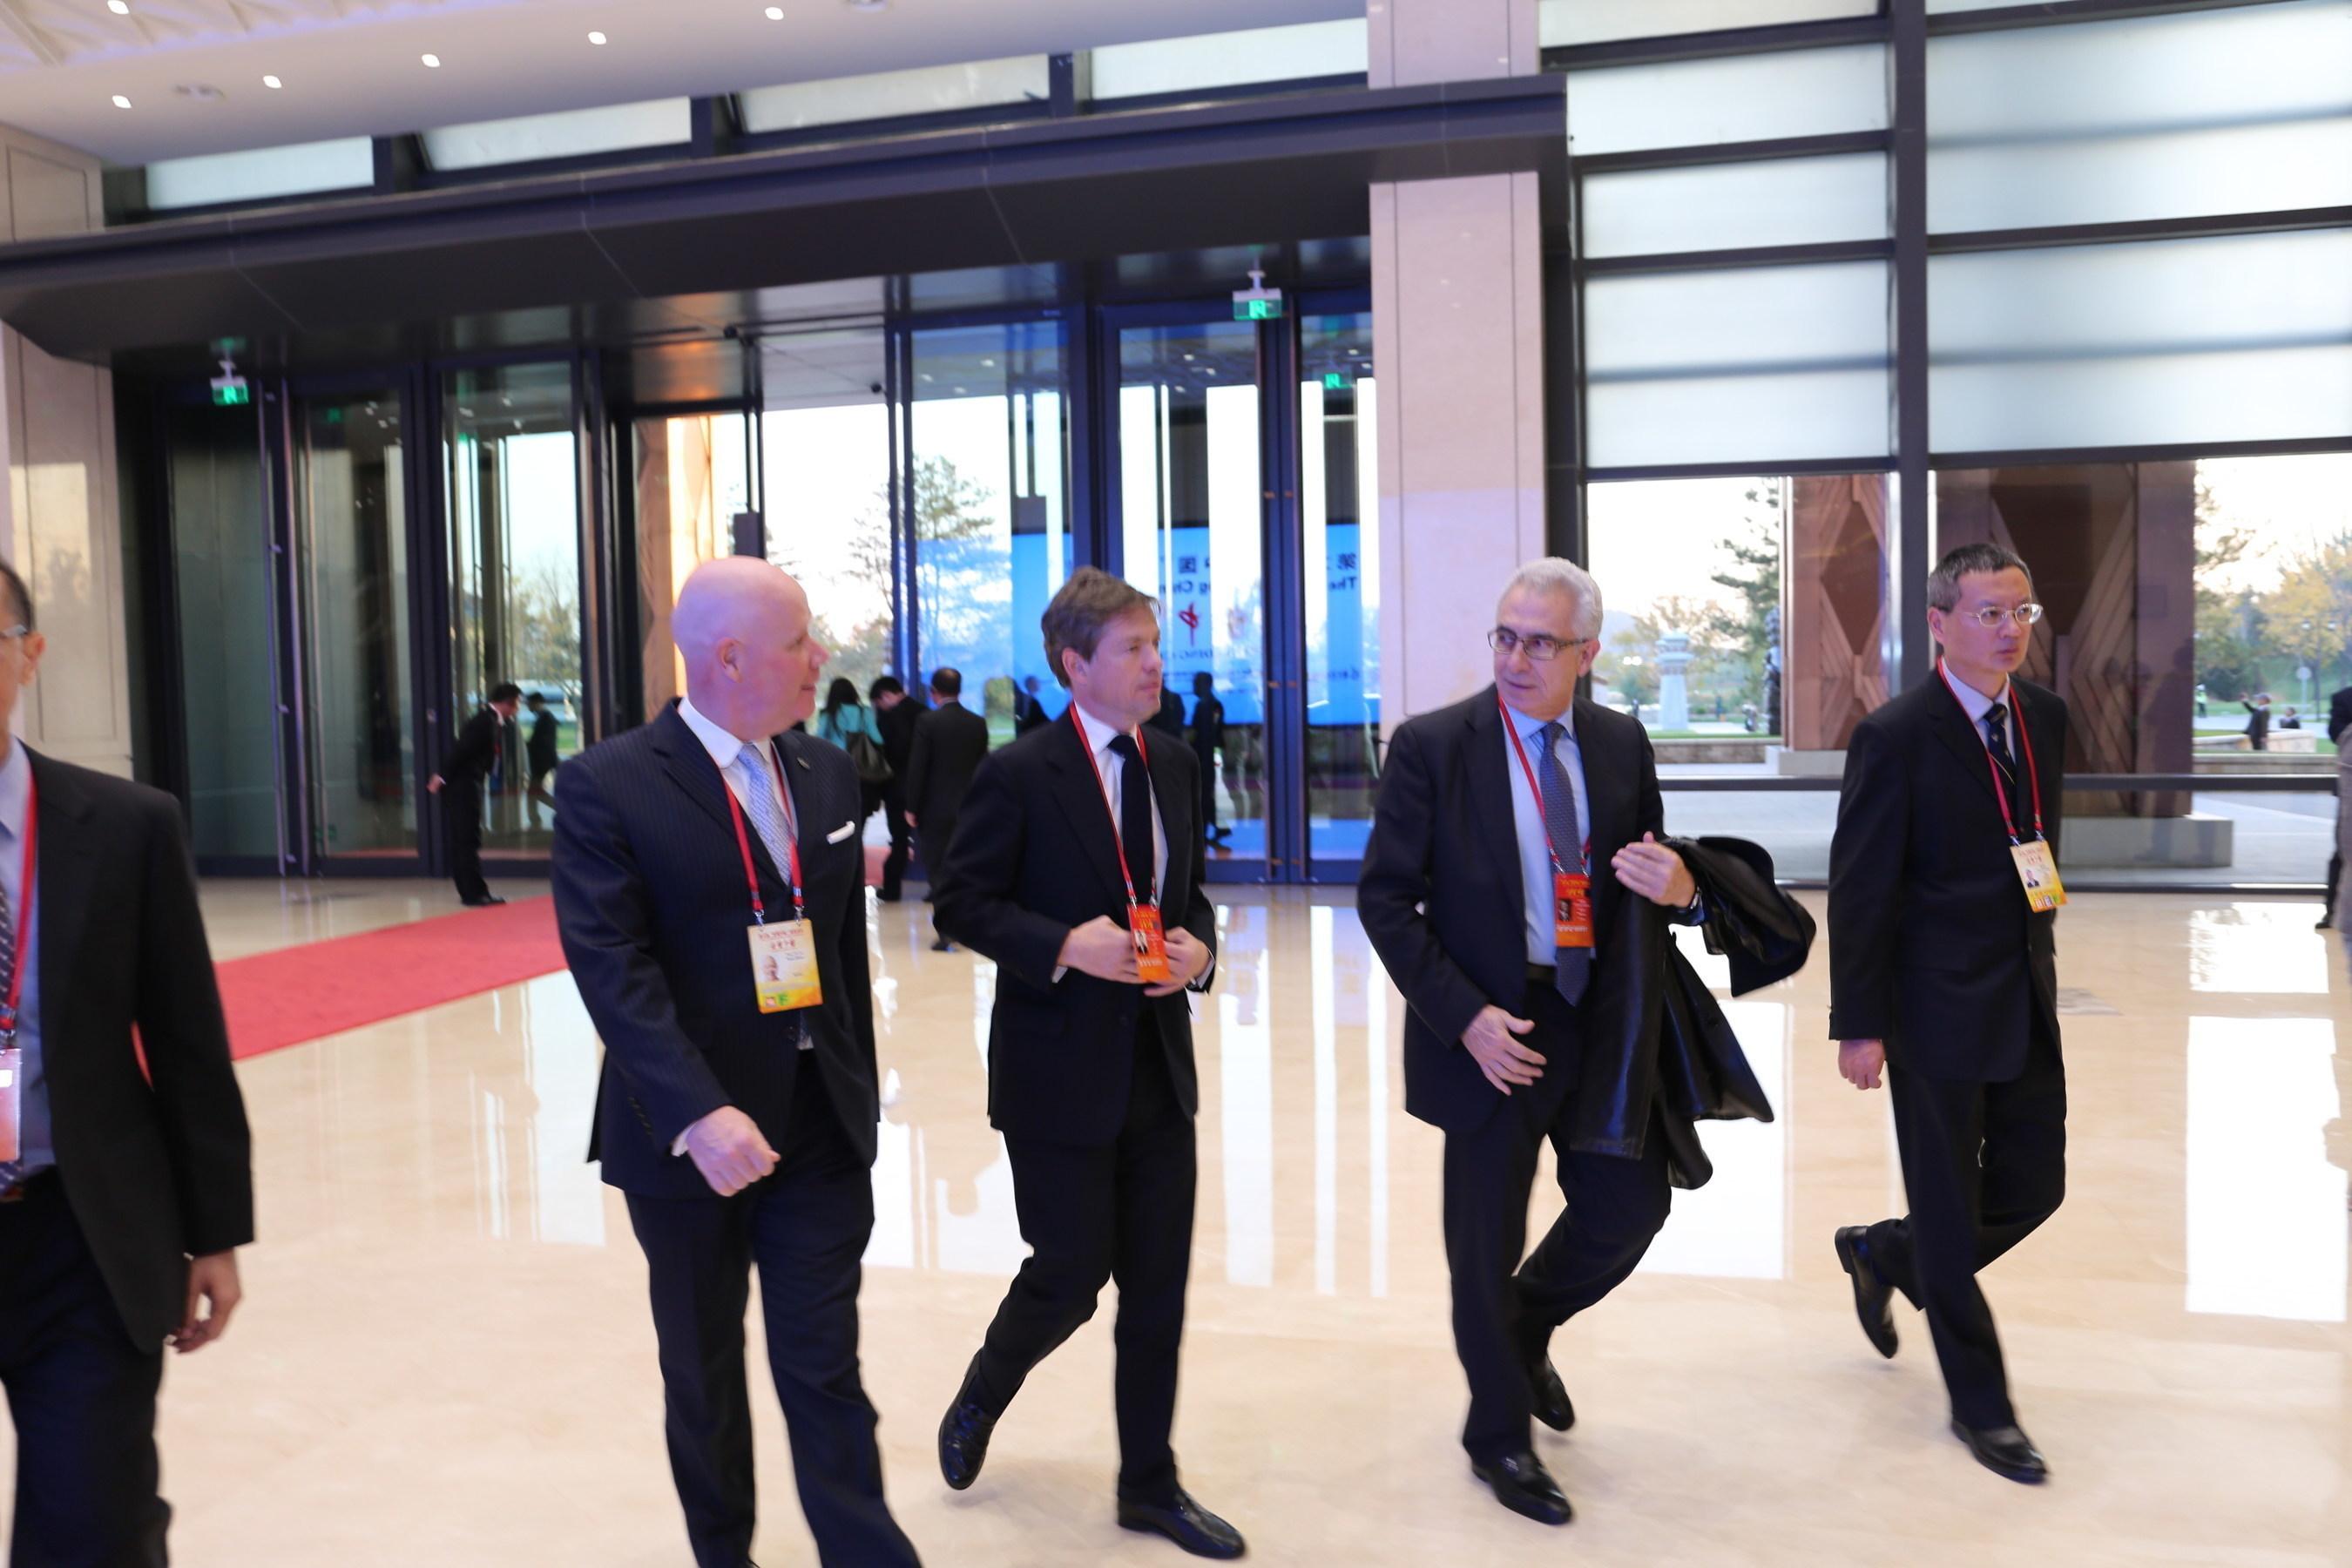 Succesvolle uitvoering 'Understanding China' Forum 2015 door het Sunrise Kempinski Hotel, Beijing &